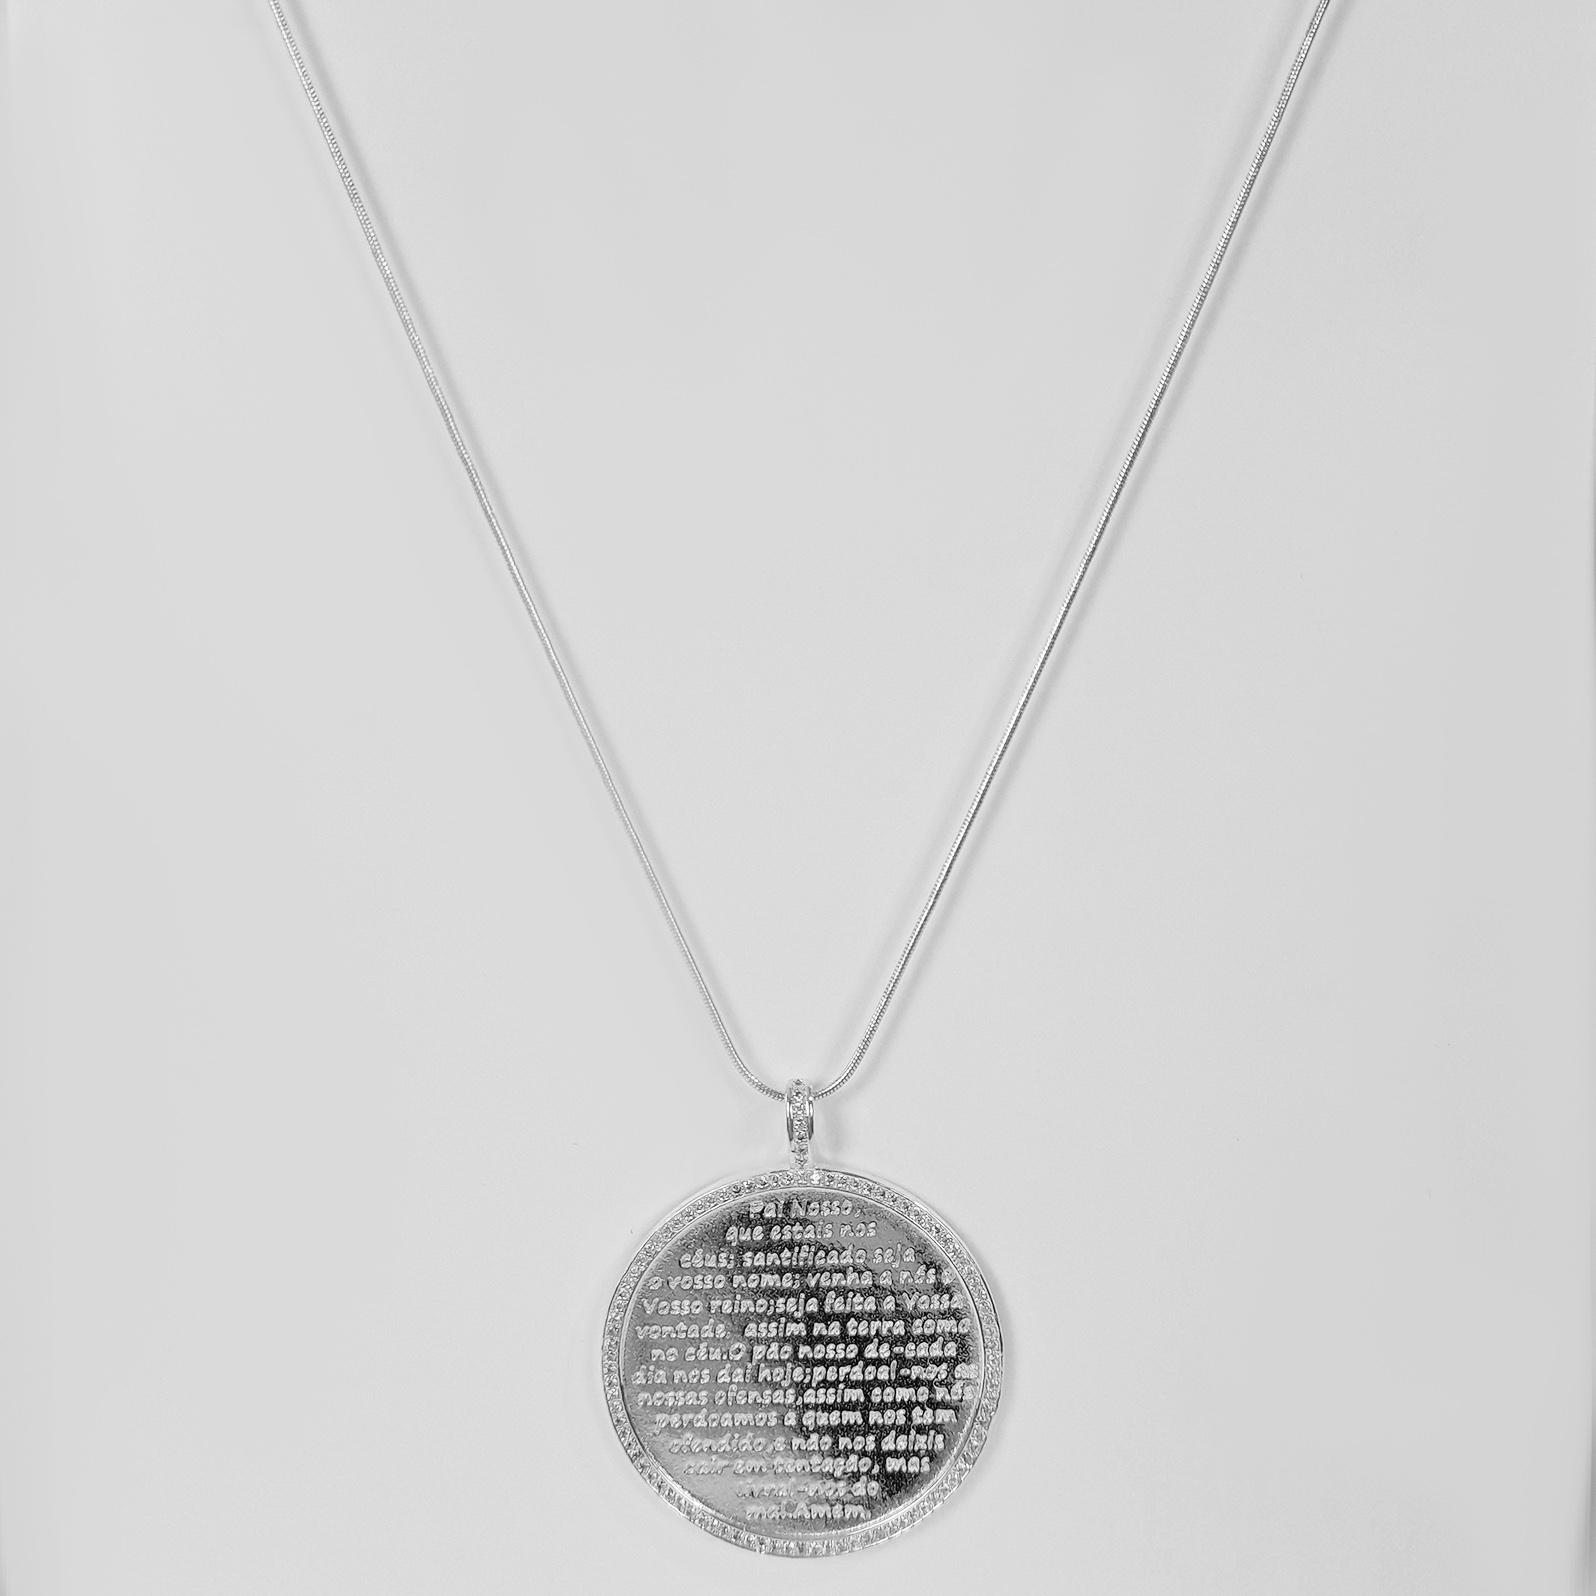 Colar Comprido Medalhão Pai Nosso Folheado a Prata 1000  - Lunozê Joias